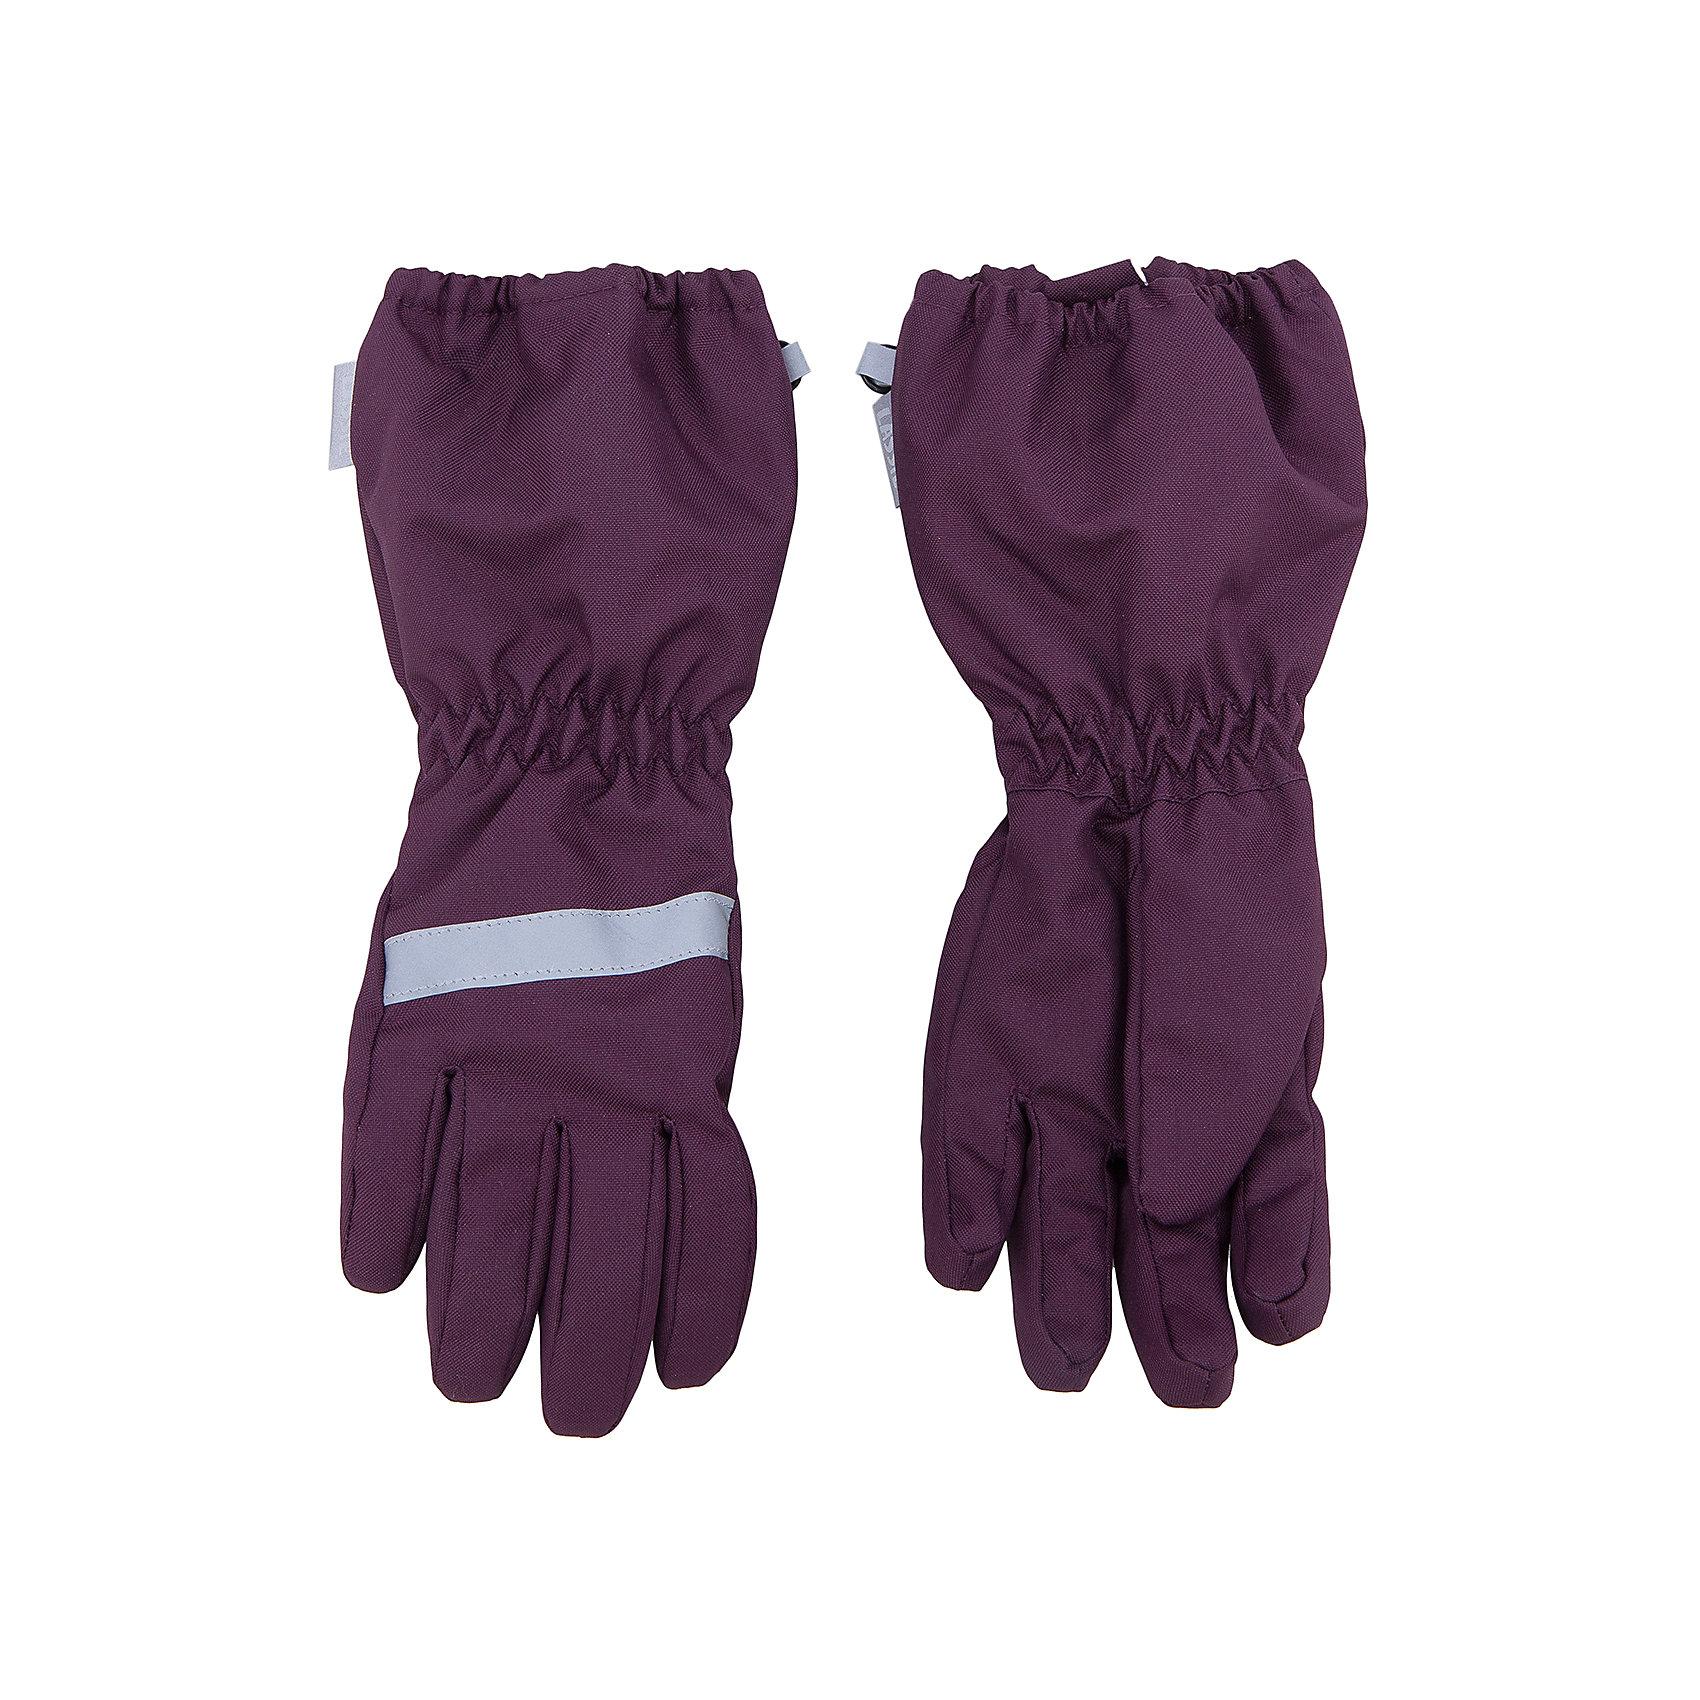 Перчатки для девочки LASSIEПерчатки и варежки<br>Зимние перчатки для детей известной финской марки.<br><br>- Сверхпрочный материал. Водоотталкивающий, ветронепроницаемый и грязеотталкивающий материал. <br>- Подкладка из полиэстера с начесом. <br>- Средняя степень утепления.<br>-  Безопасные светоотражающие детали. Светоотражающая эмблема Lassie®.  <br><br>Рекомендации по уходу: Полоскать без специального средства. Сушить при низкой температуре.<br><br> Состав: 100% Полиамид, полиуретановое покрытие.  Утеплитель «Lassie wadding» 120гр.<br><br>Ширина мм: 162<br>Глубина мм: 171<br>Высота мм: 55<br>Вес г: 119<br>Цвет: фиолетовый<br>Возраст от месяцев: 120<br>Возраст до месяцев: 144<br>Пол: Женский<br>Возраст: Детский<br>Размер: 6,3,4,5<br>SKU: 4780643